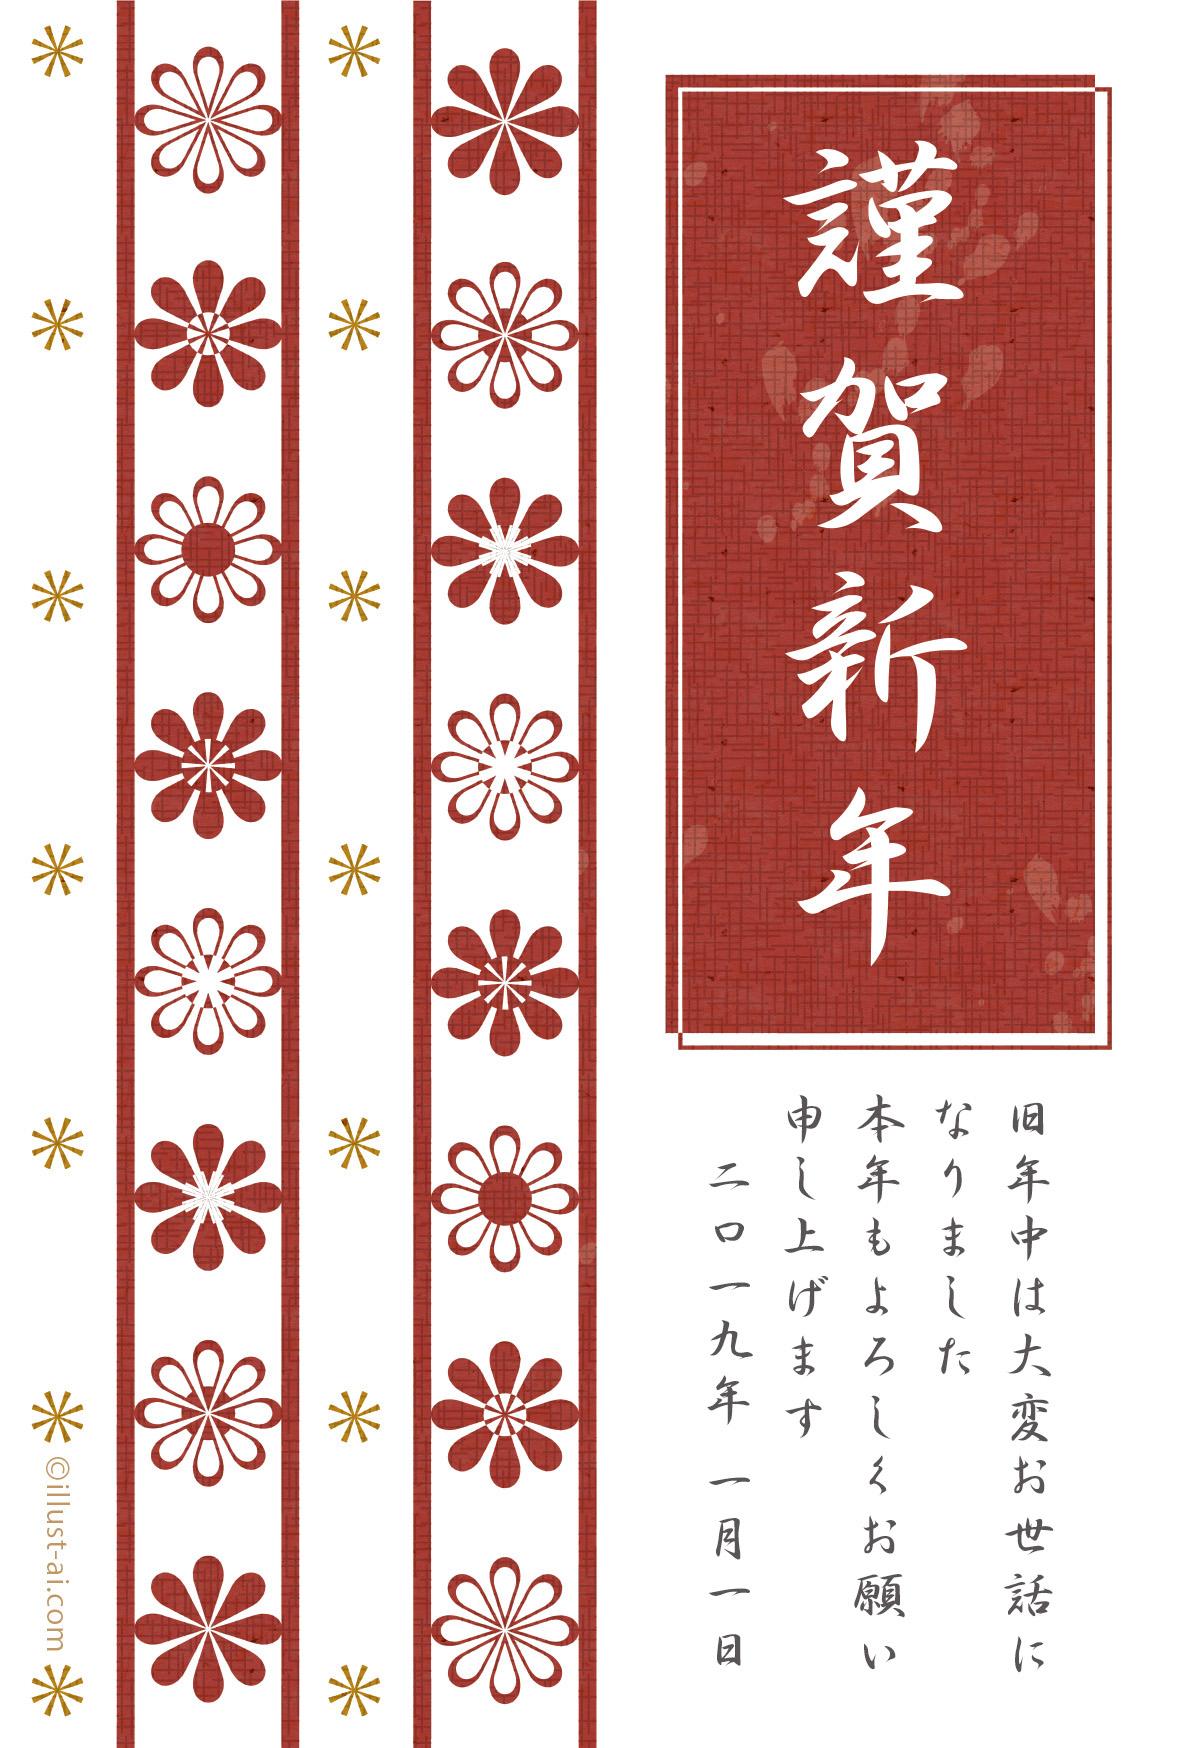 年賀状 亥年筆文字風の文字がカッコイイ和のデザイン年賀状